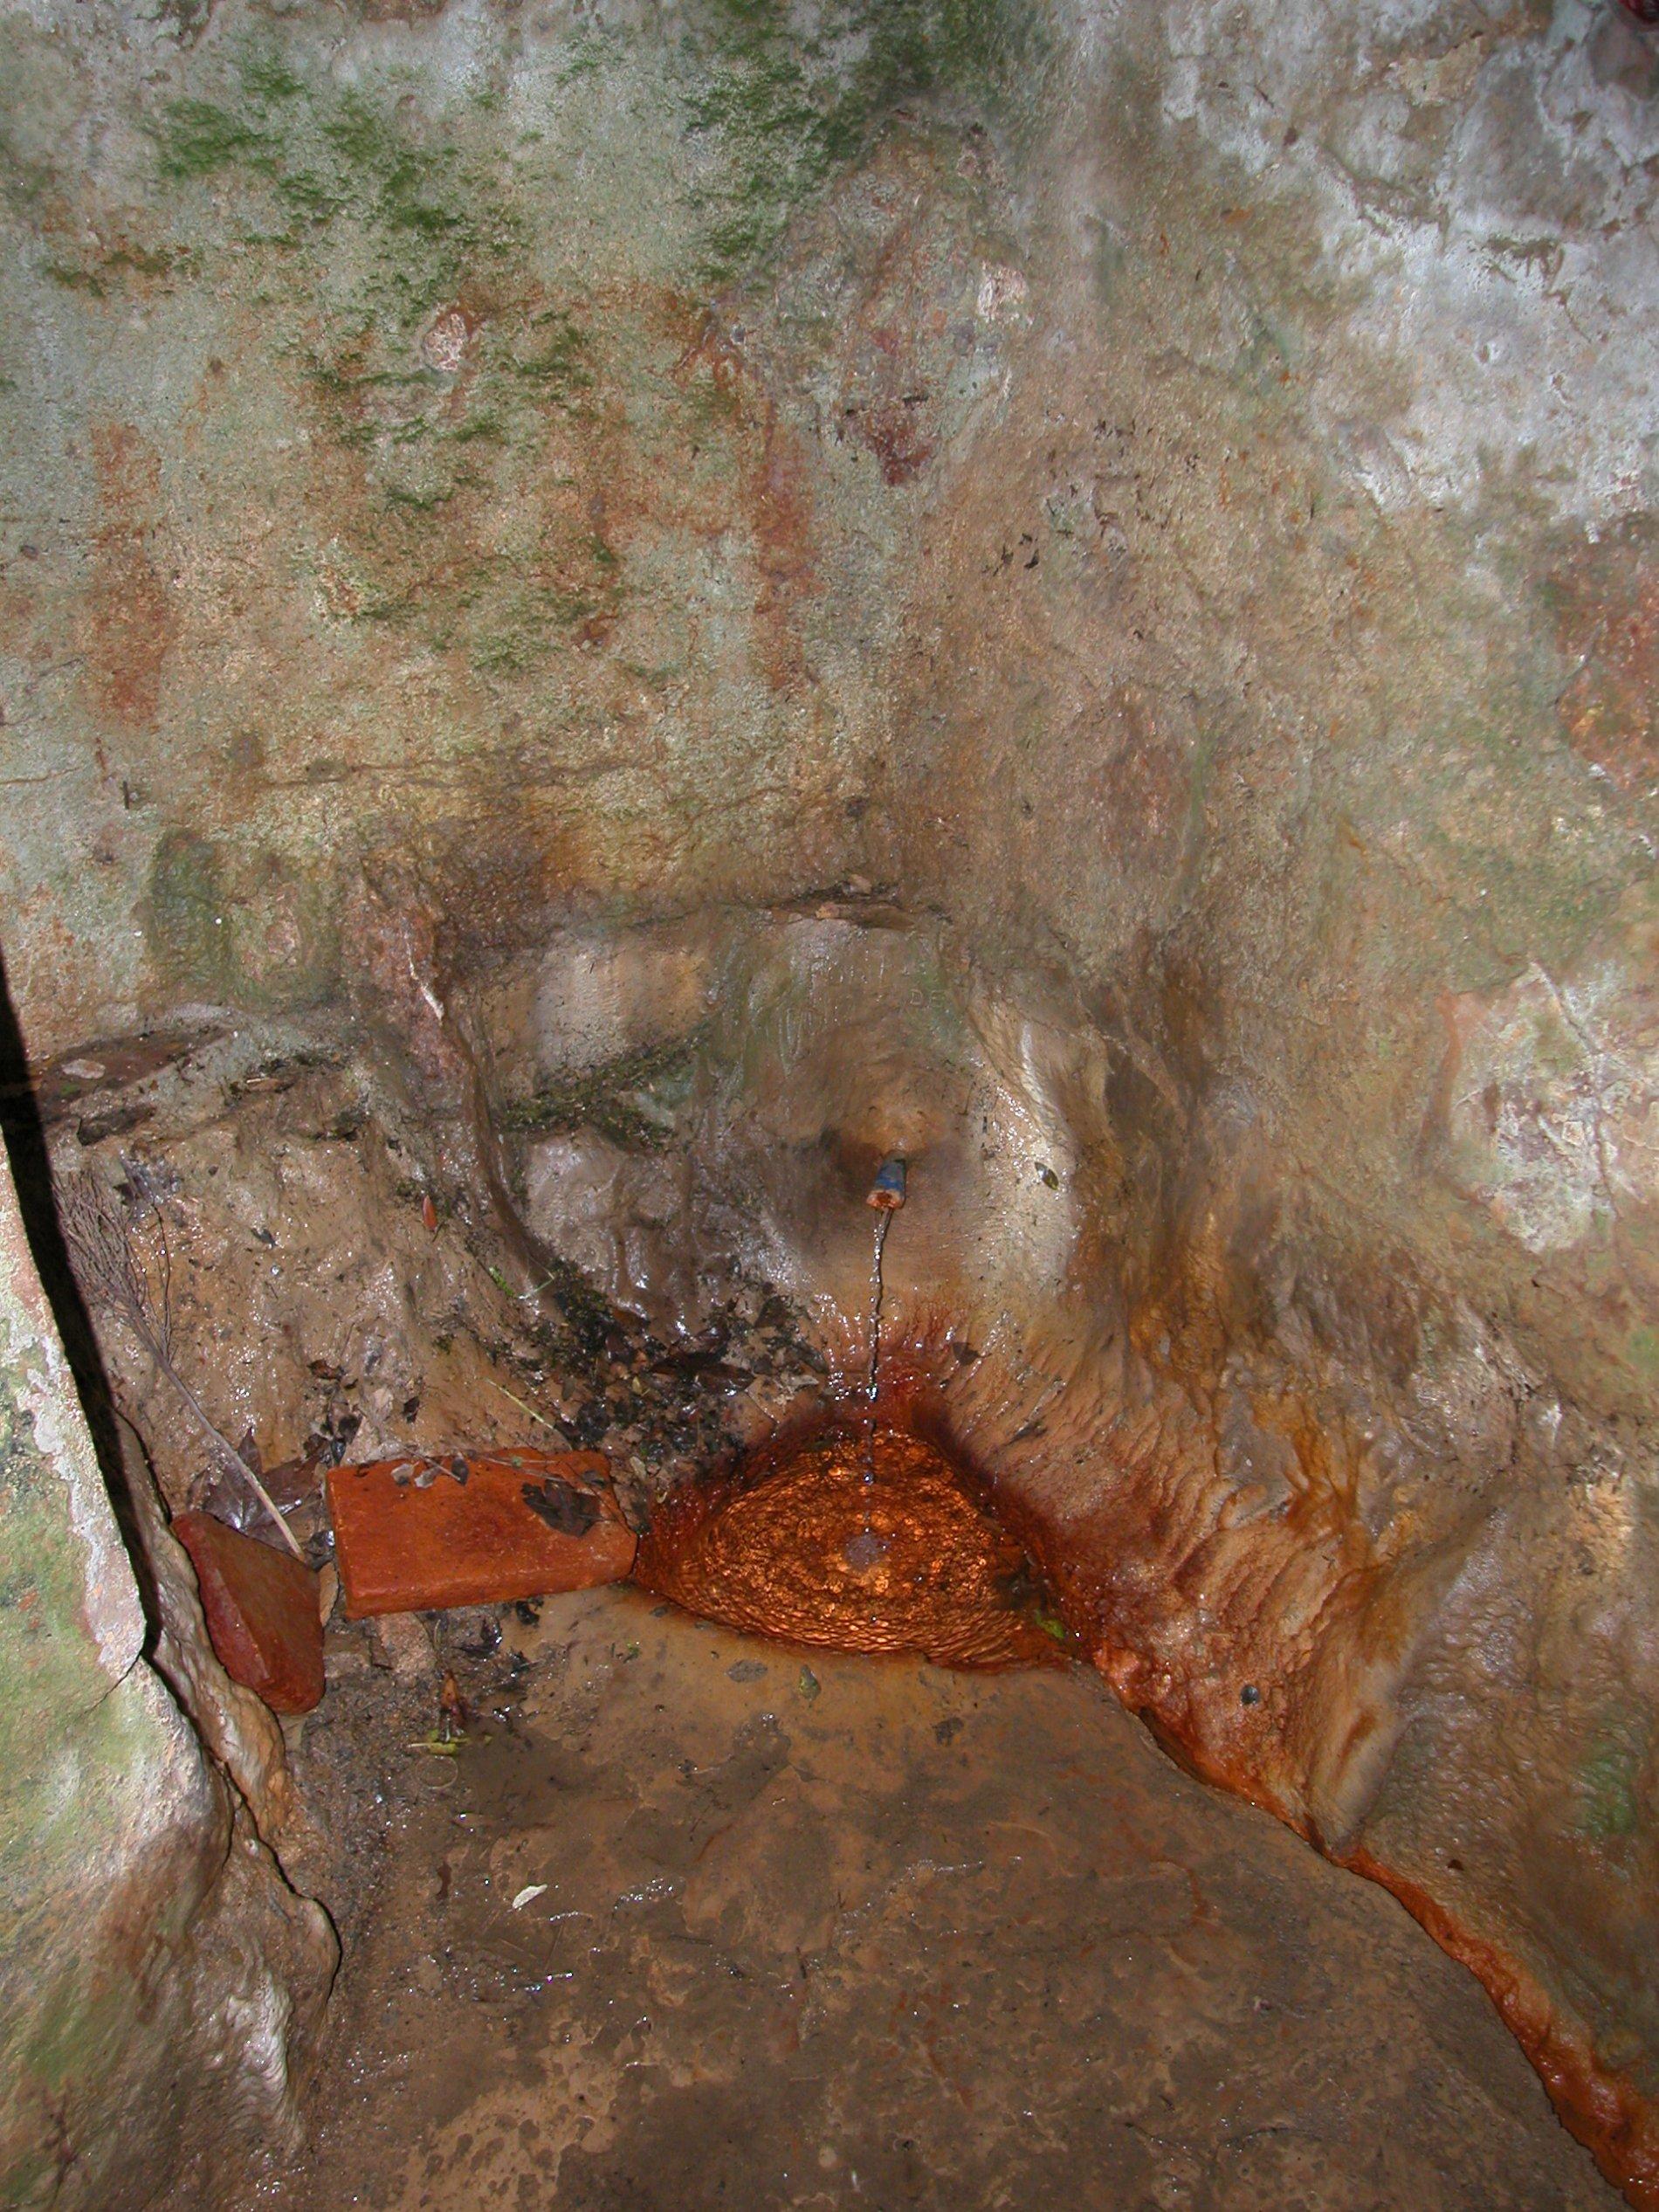 La Font de Penedes compte amb una edificació al seu voltant ja que es va intentar organitzar un negoci de vendre'n la seva aigua embotellada. L'estructura està en ruïna i no li otorga un aspecte molt agradable. La imatge és només del broc de la font sota del nivell de circulació on si que és interessant veure el precipitat groc de la seva aigua que tenyeix la part inferior de les parets i el bassal de sota el broc on s'acumula un xic d'aigua.